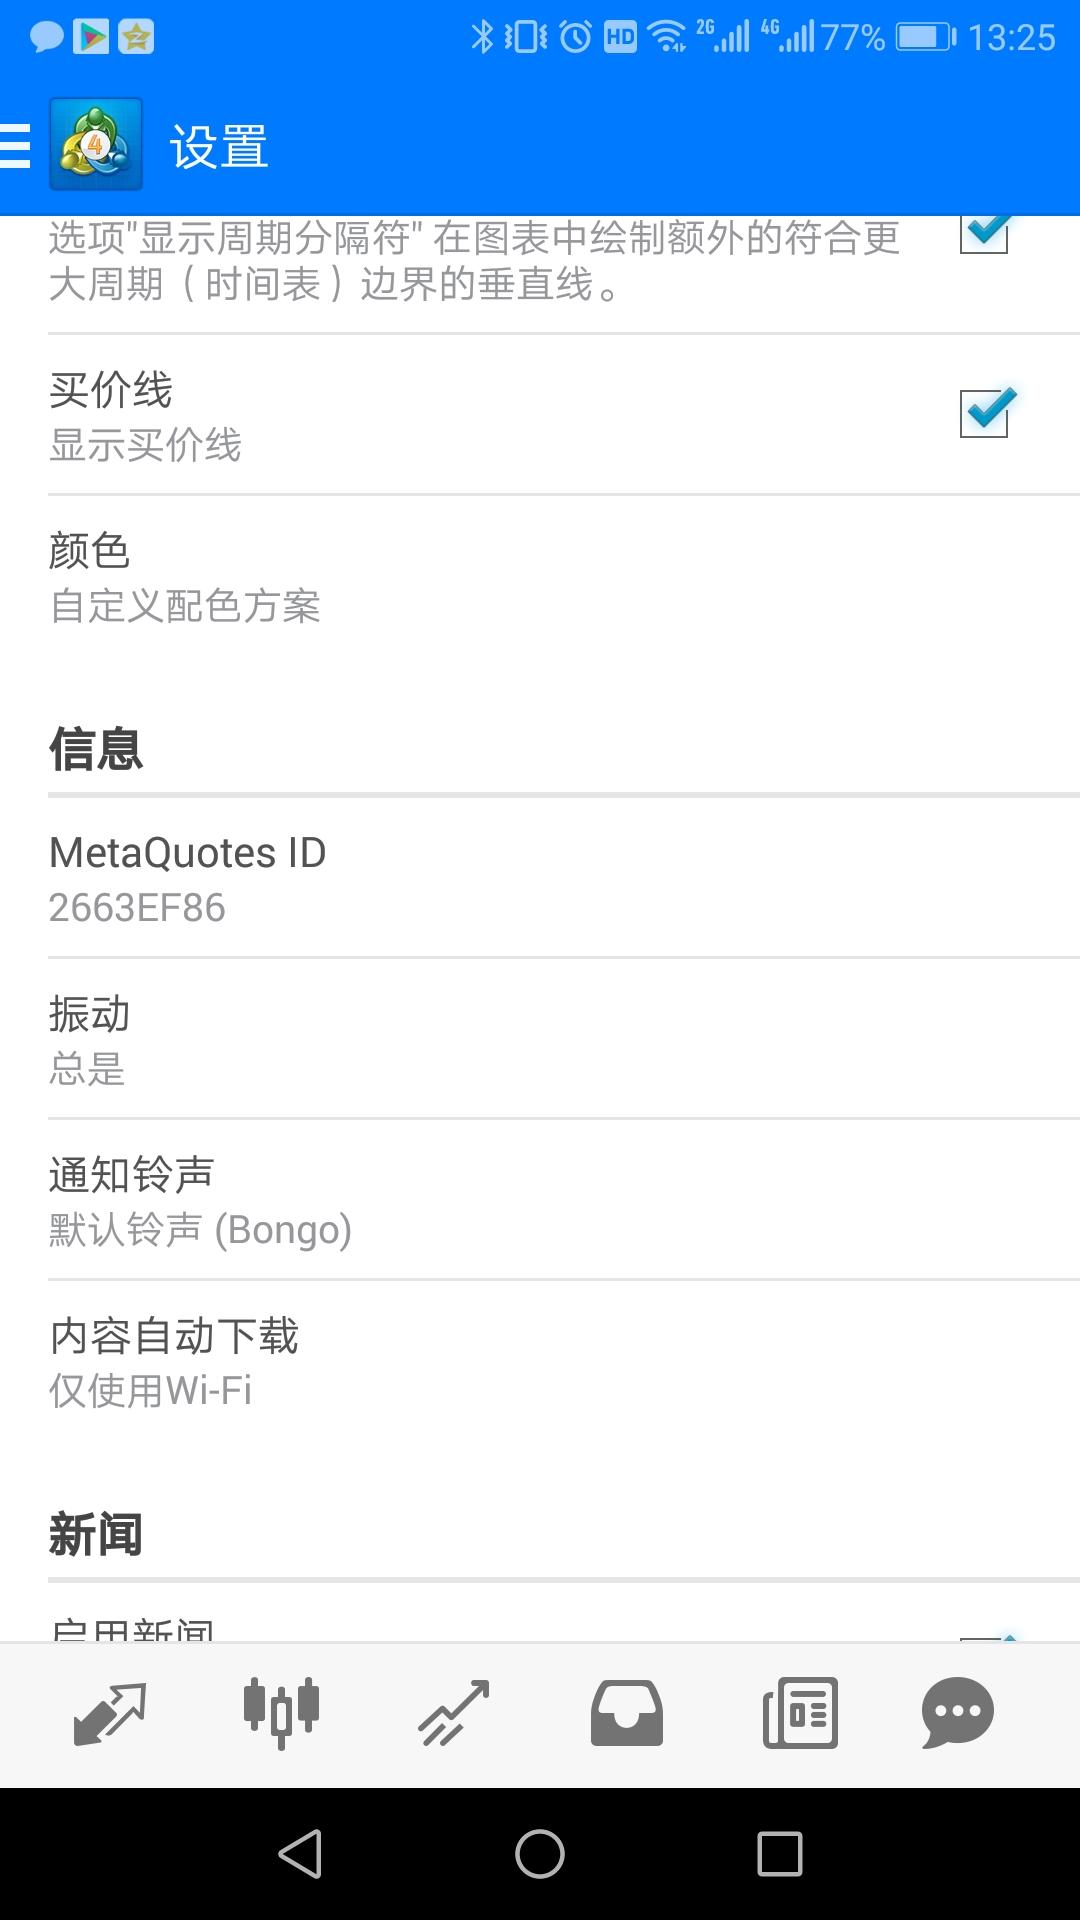 图文教程:如何获取MT4手机端的MetaQuotes ID号?-汇友网